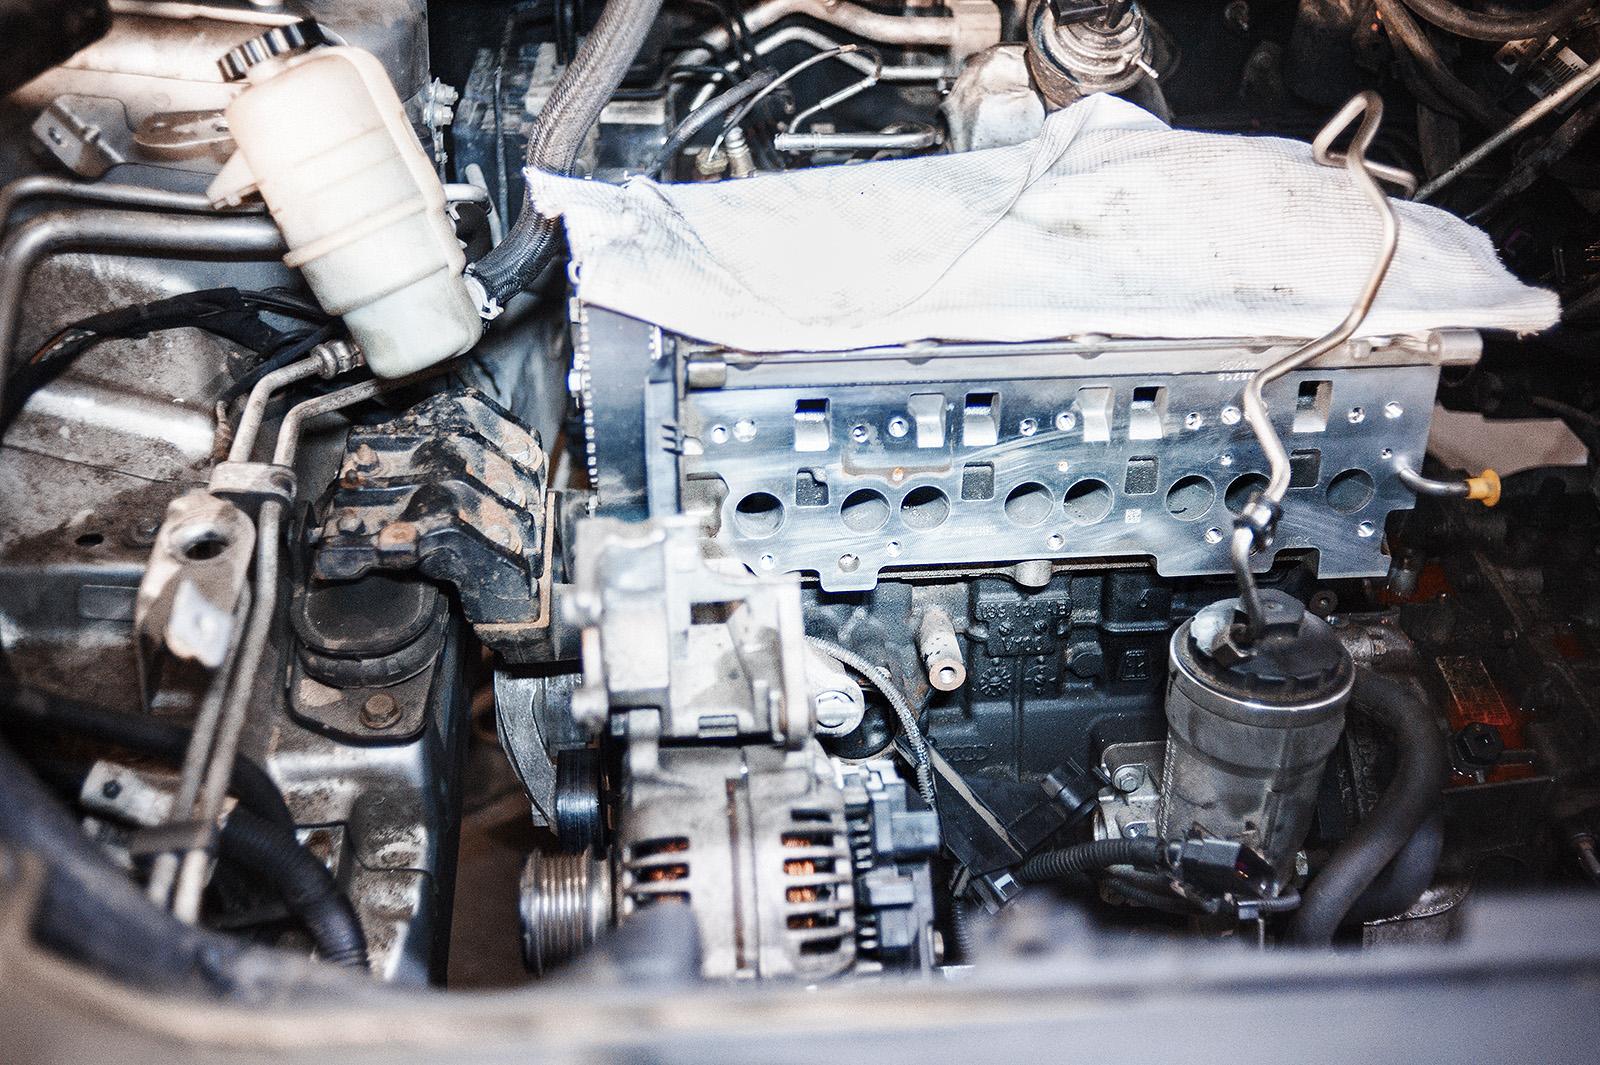 Устанавливаем двигатель Додж Джорни 2.0 (дизель) в подкапотное пространство